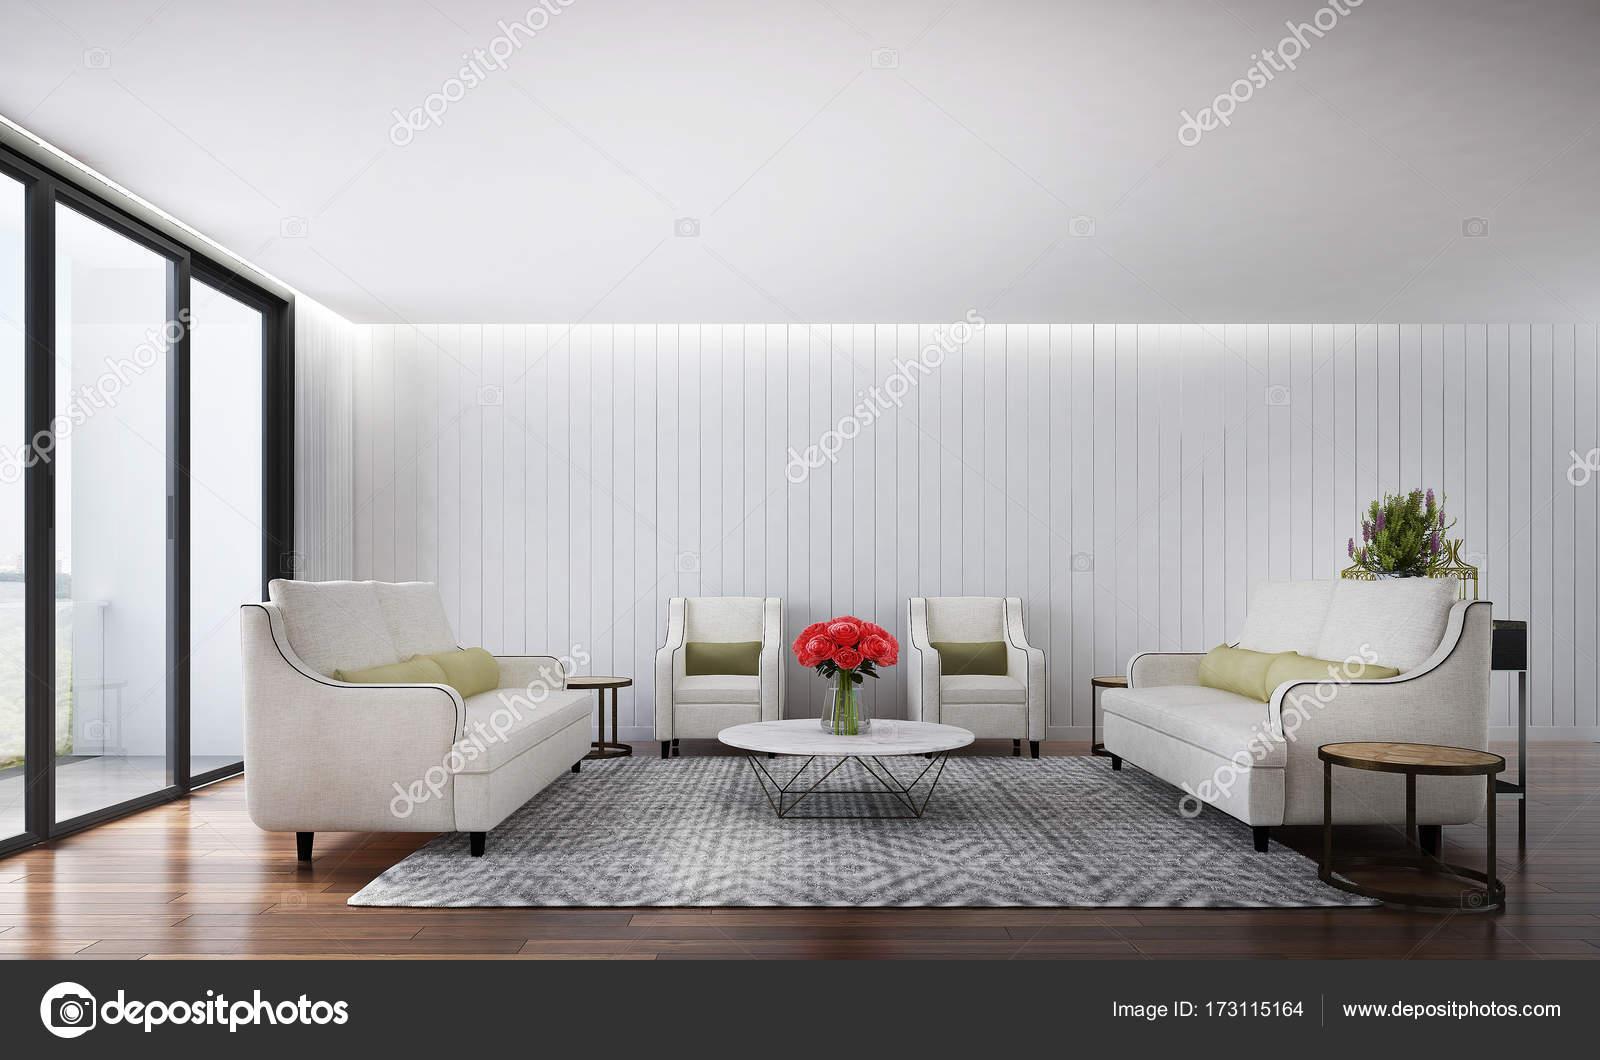 Salotto e soggiorno interior design e legno a parete modello sfondo ...